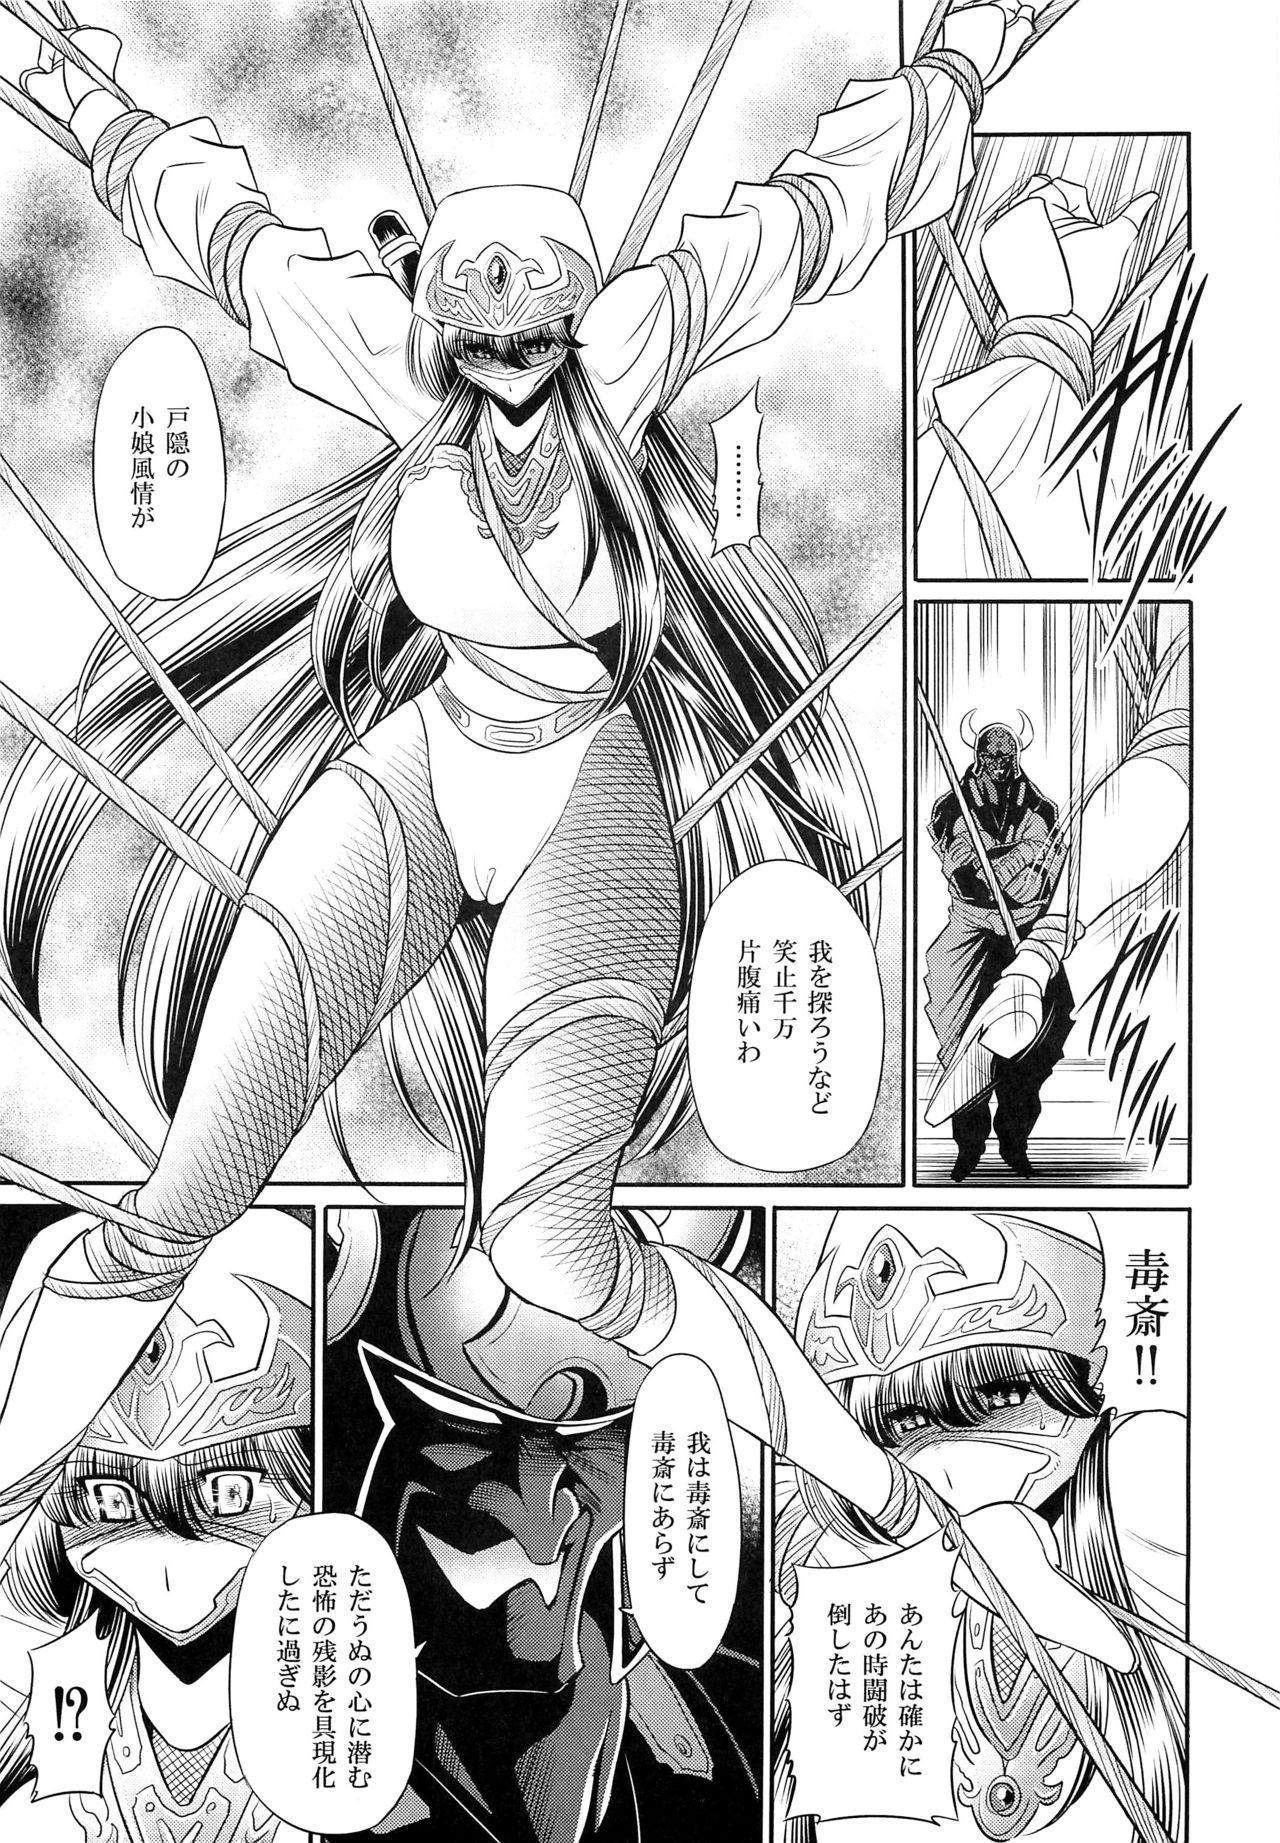 Himenin Hana Fubuki 9